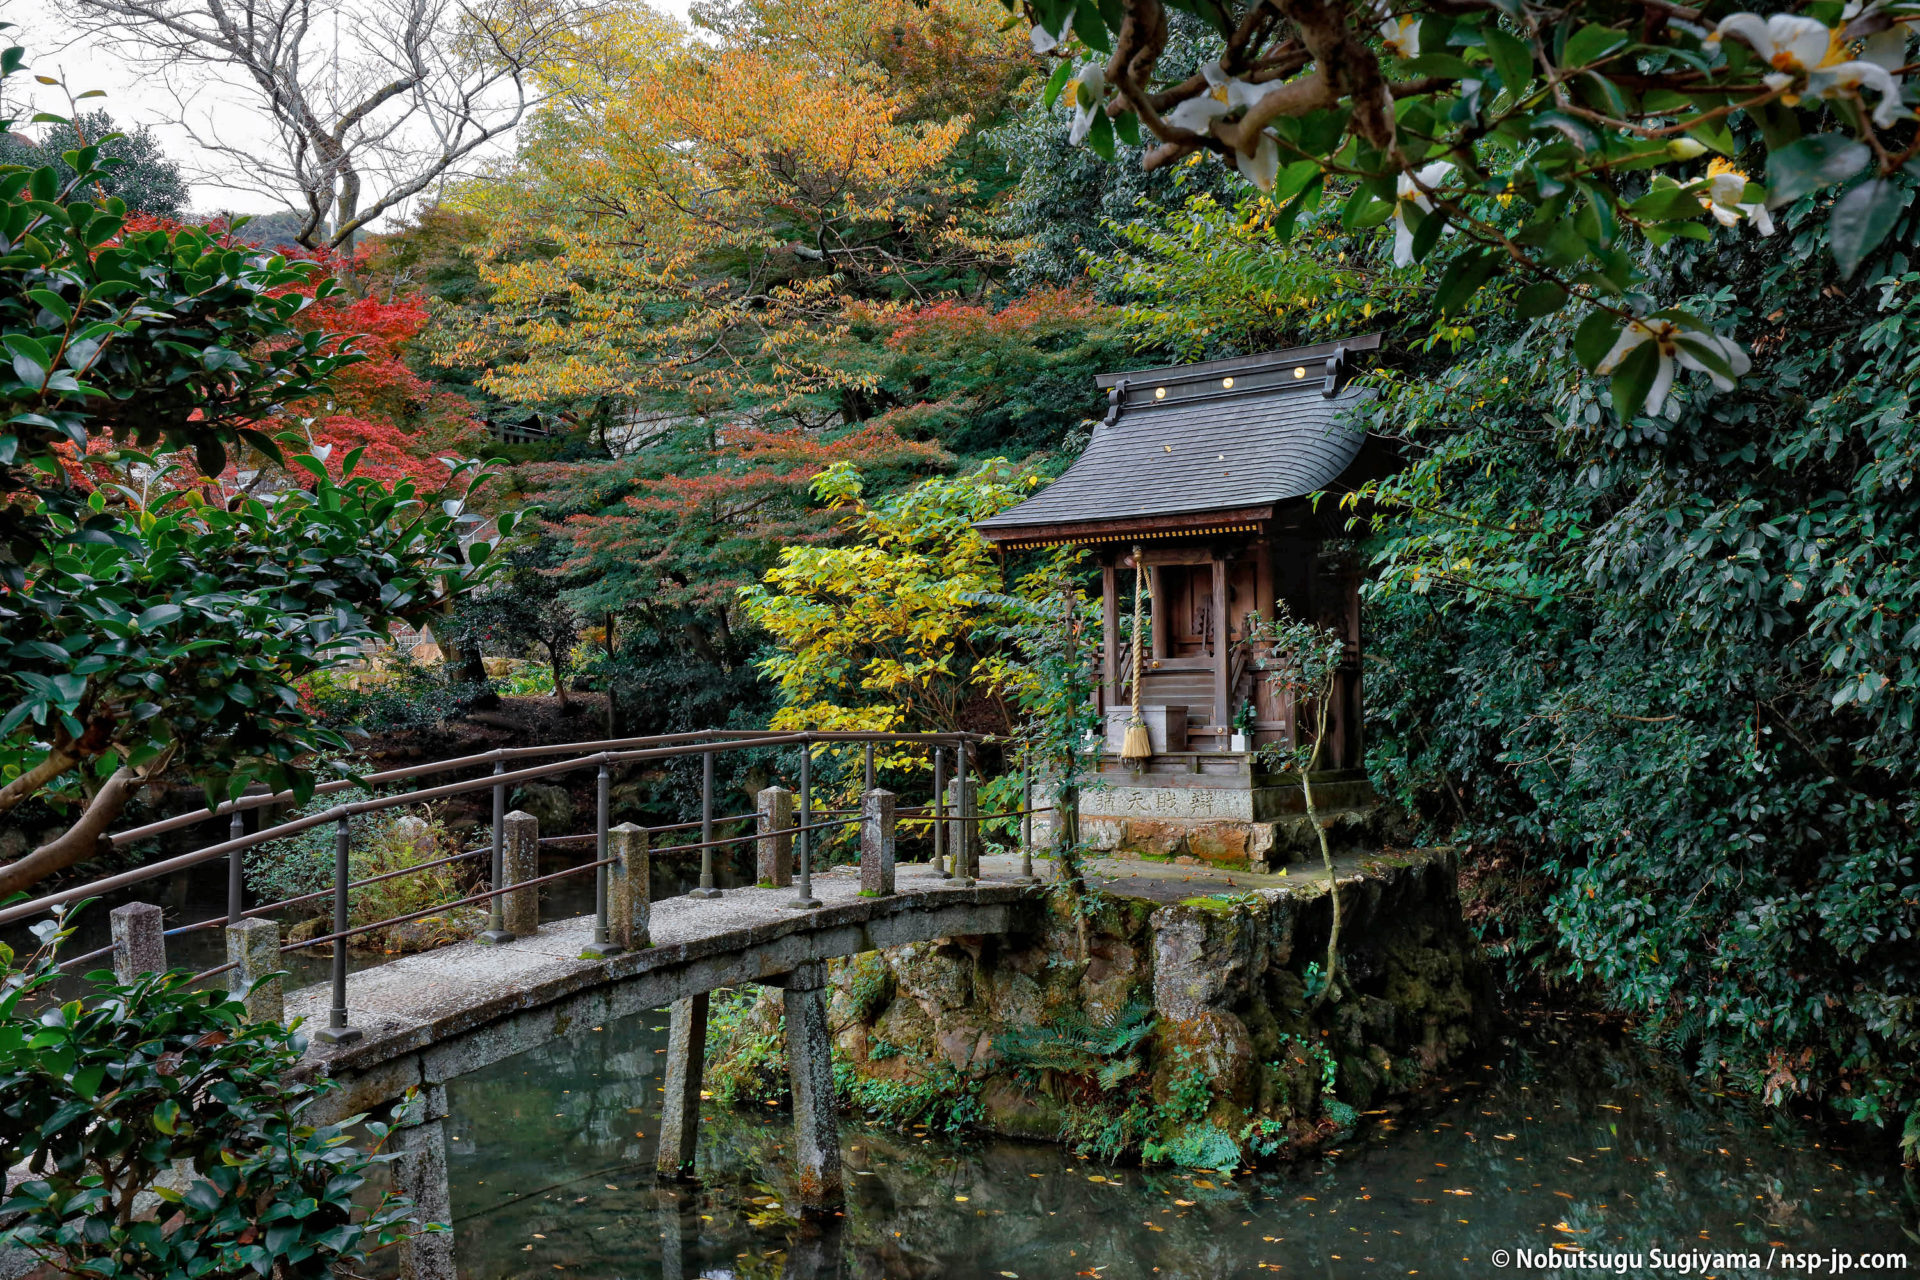 伊奈波神社-松尾神社 | 岐阜 故郷巡礼 by 杉山宣嗣